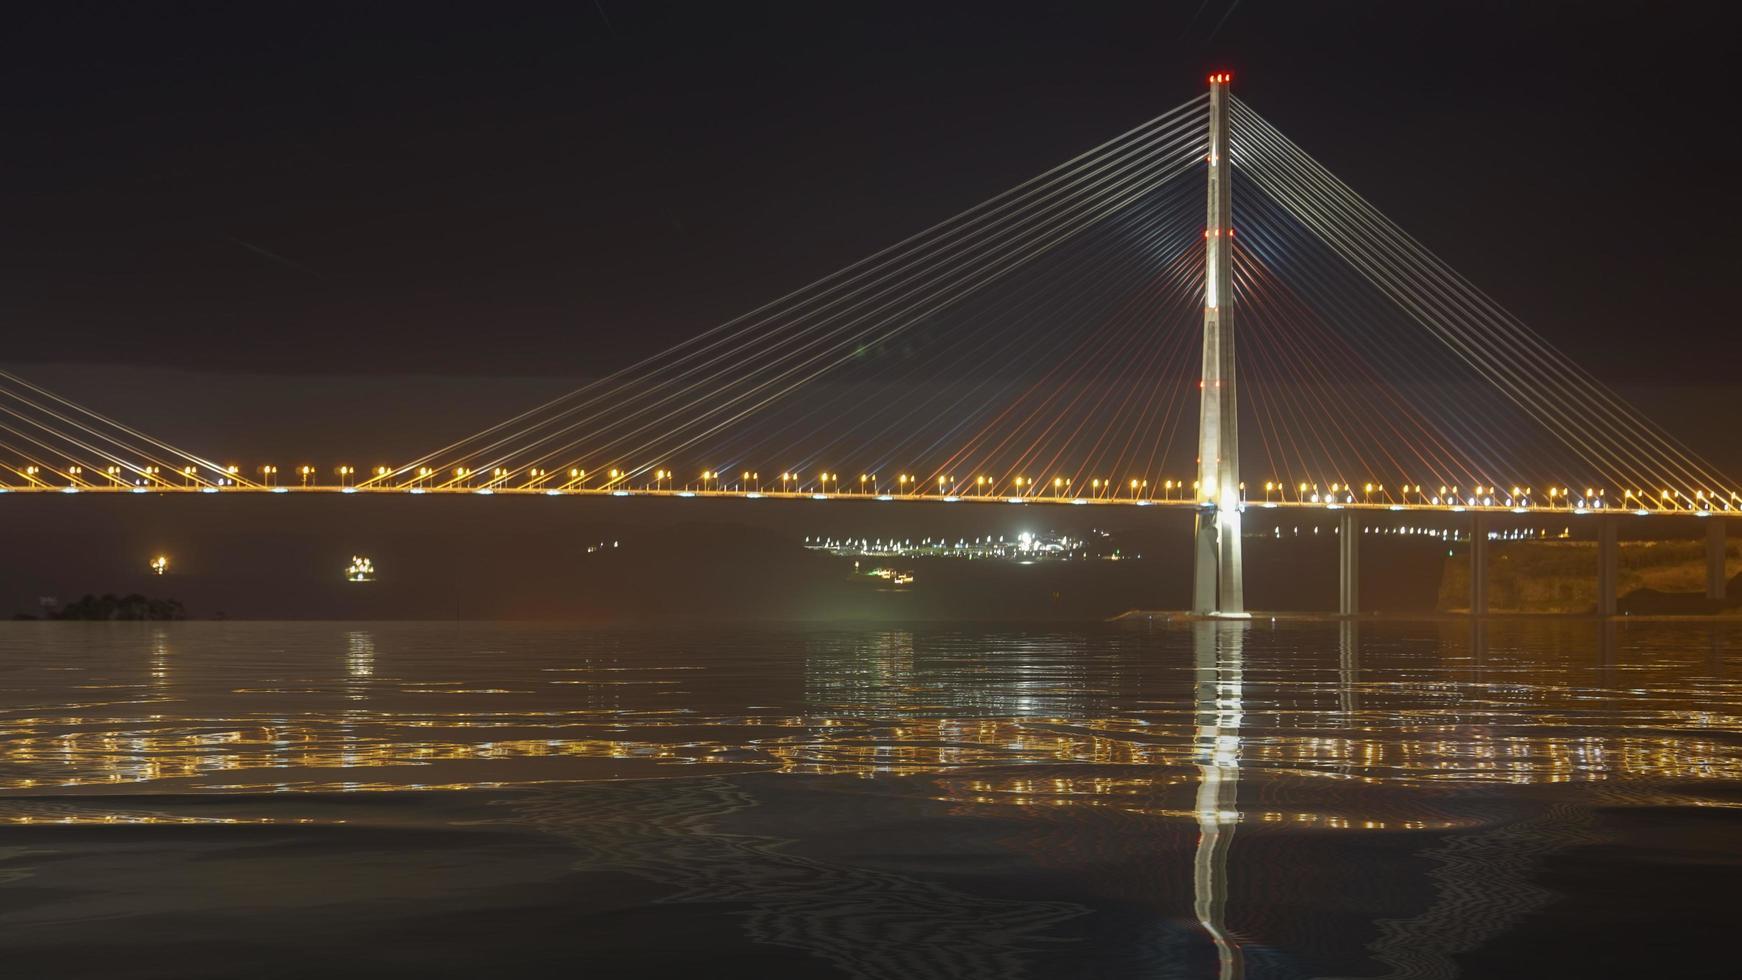 puente ruso contra el cielo nocturno. foto